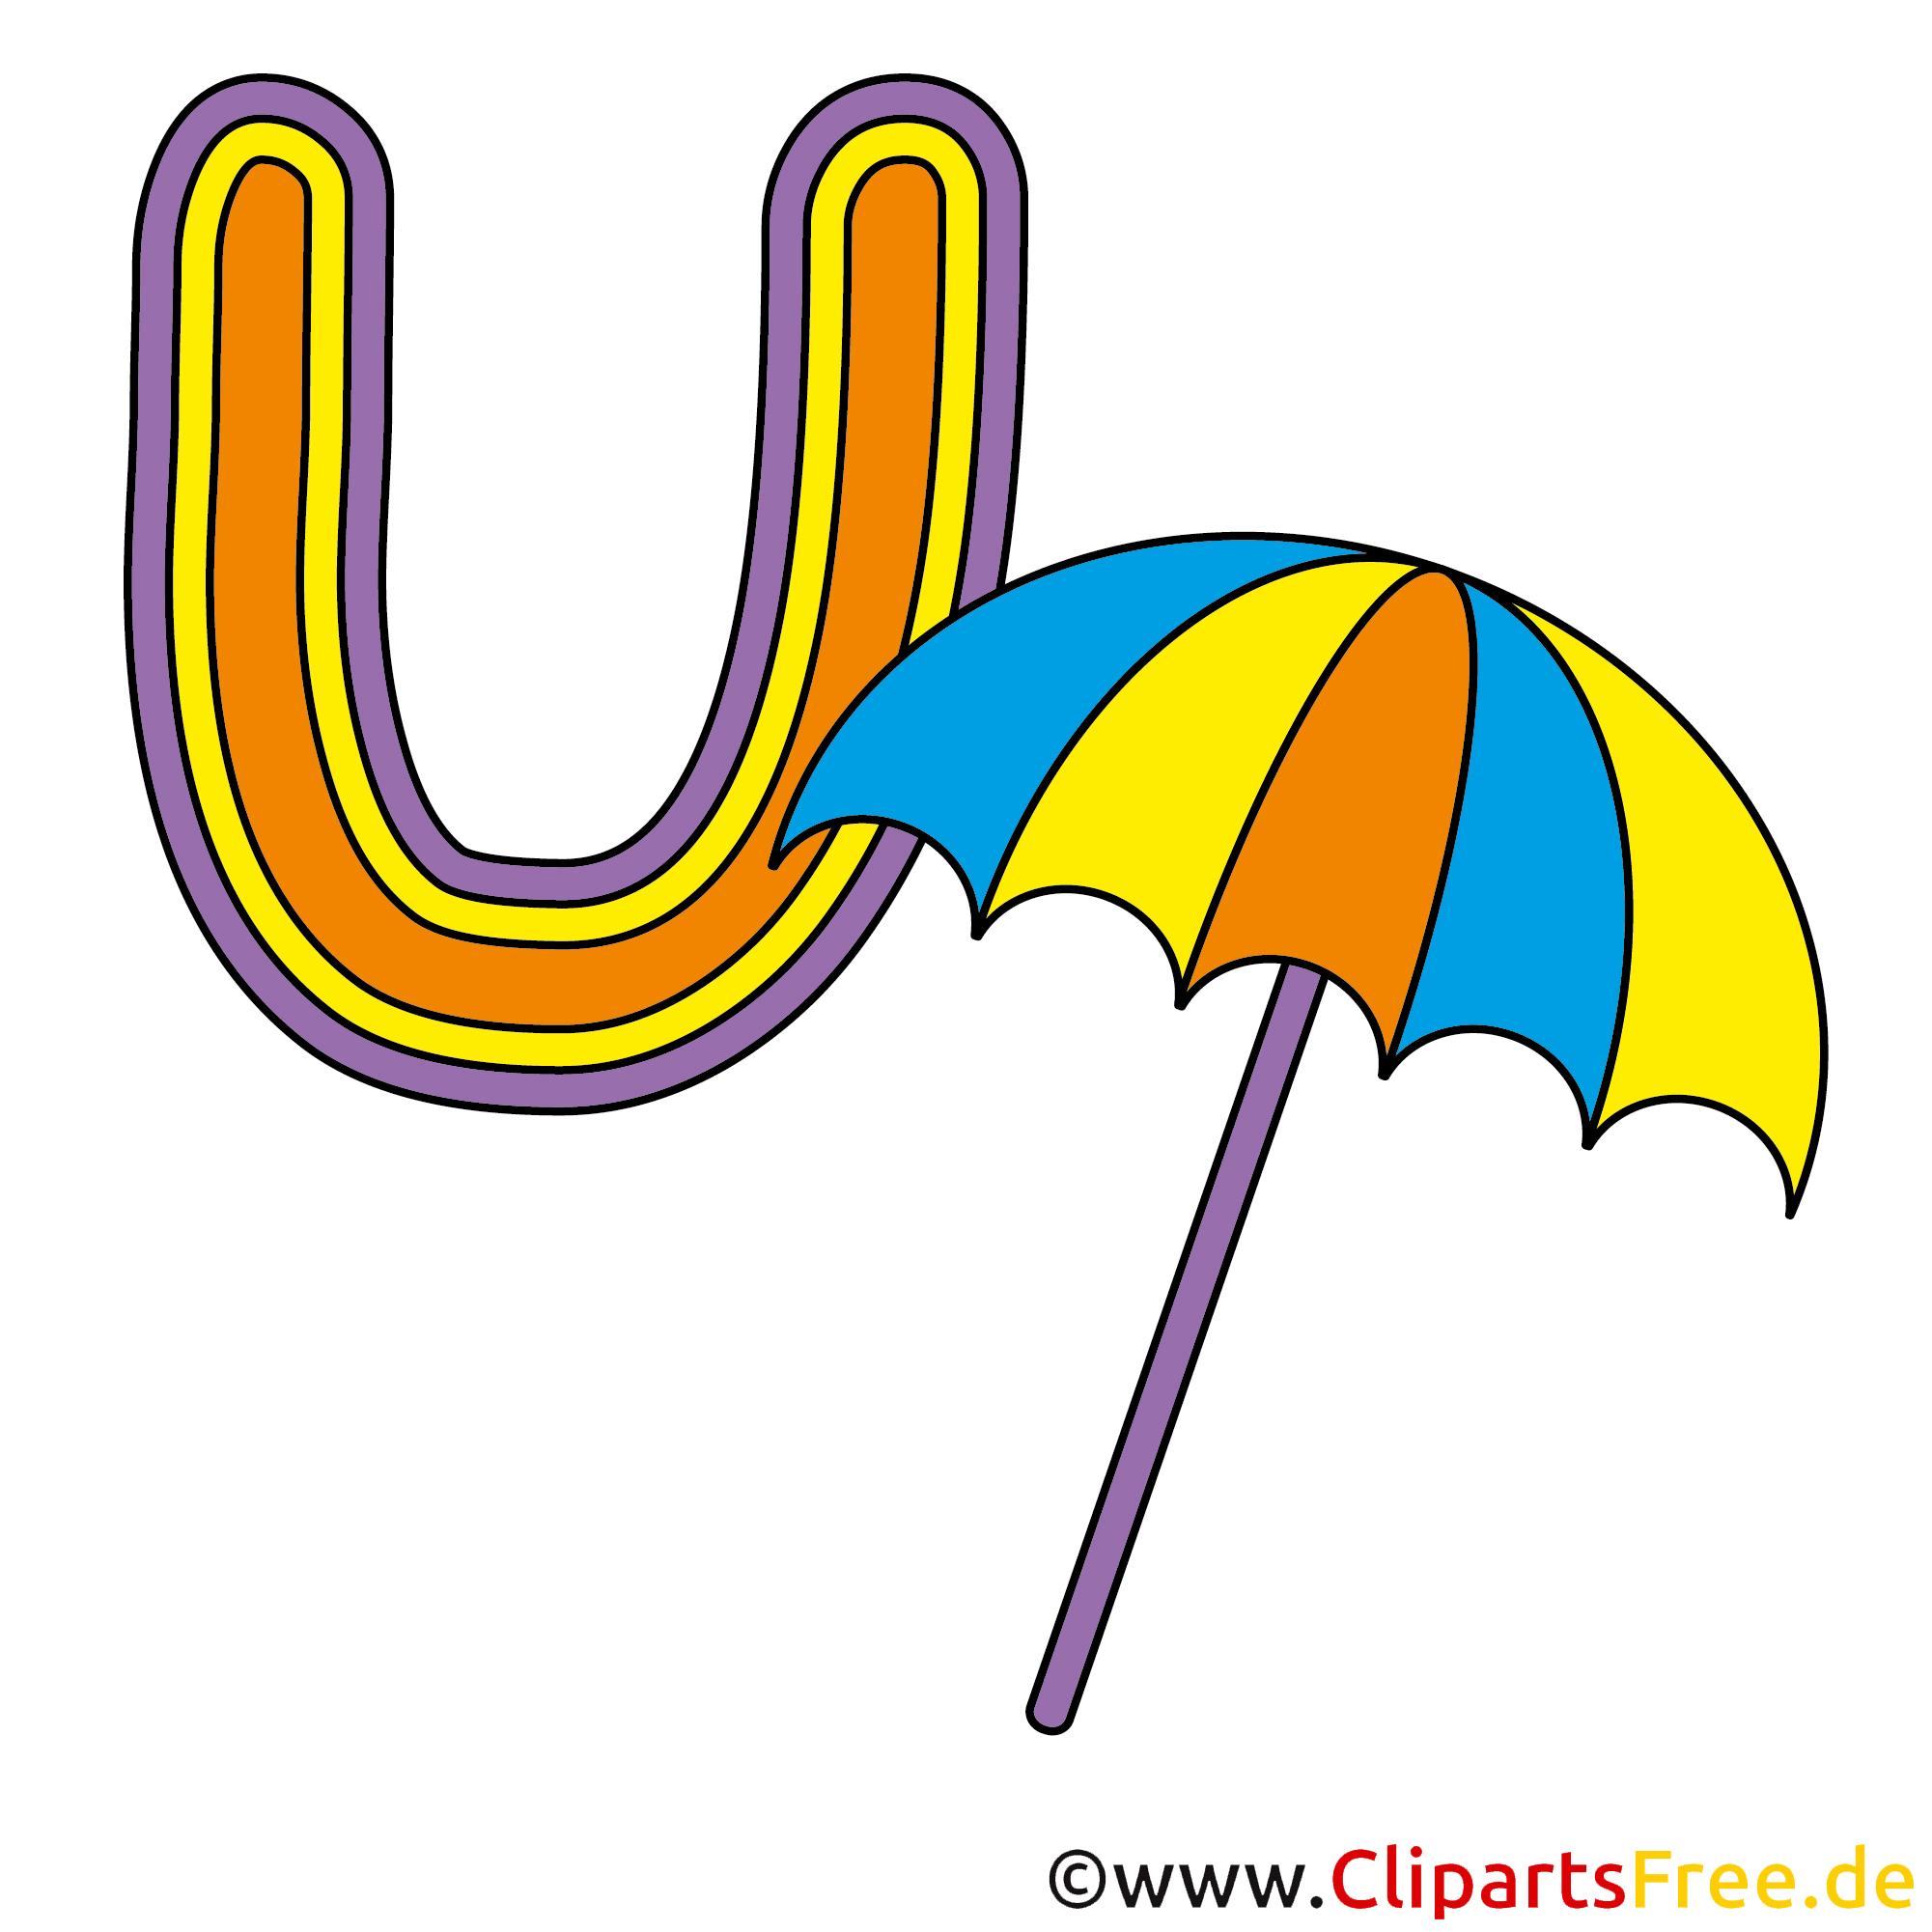 U is for Umbrella - Abc Bilder